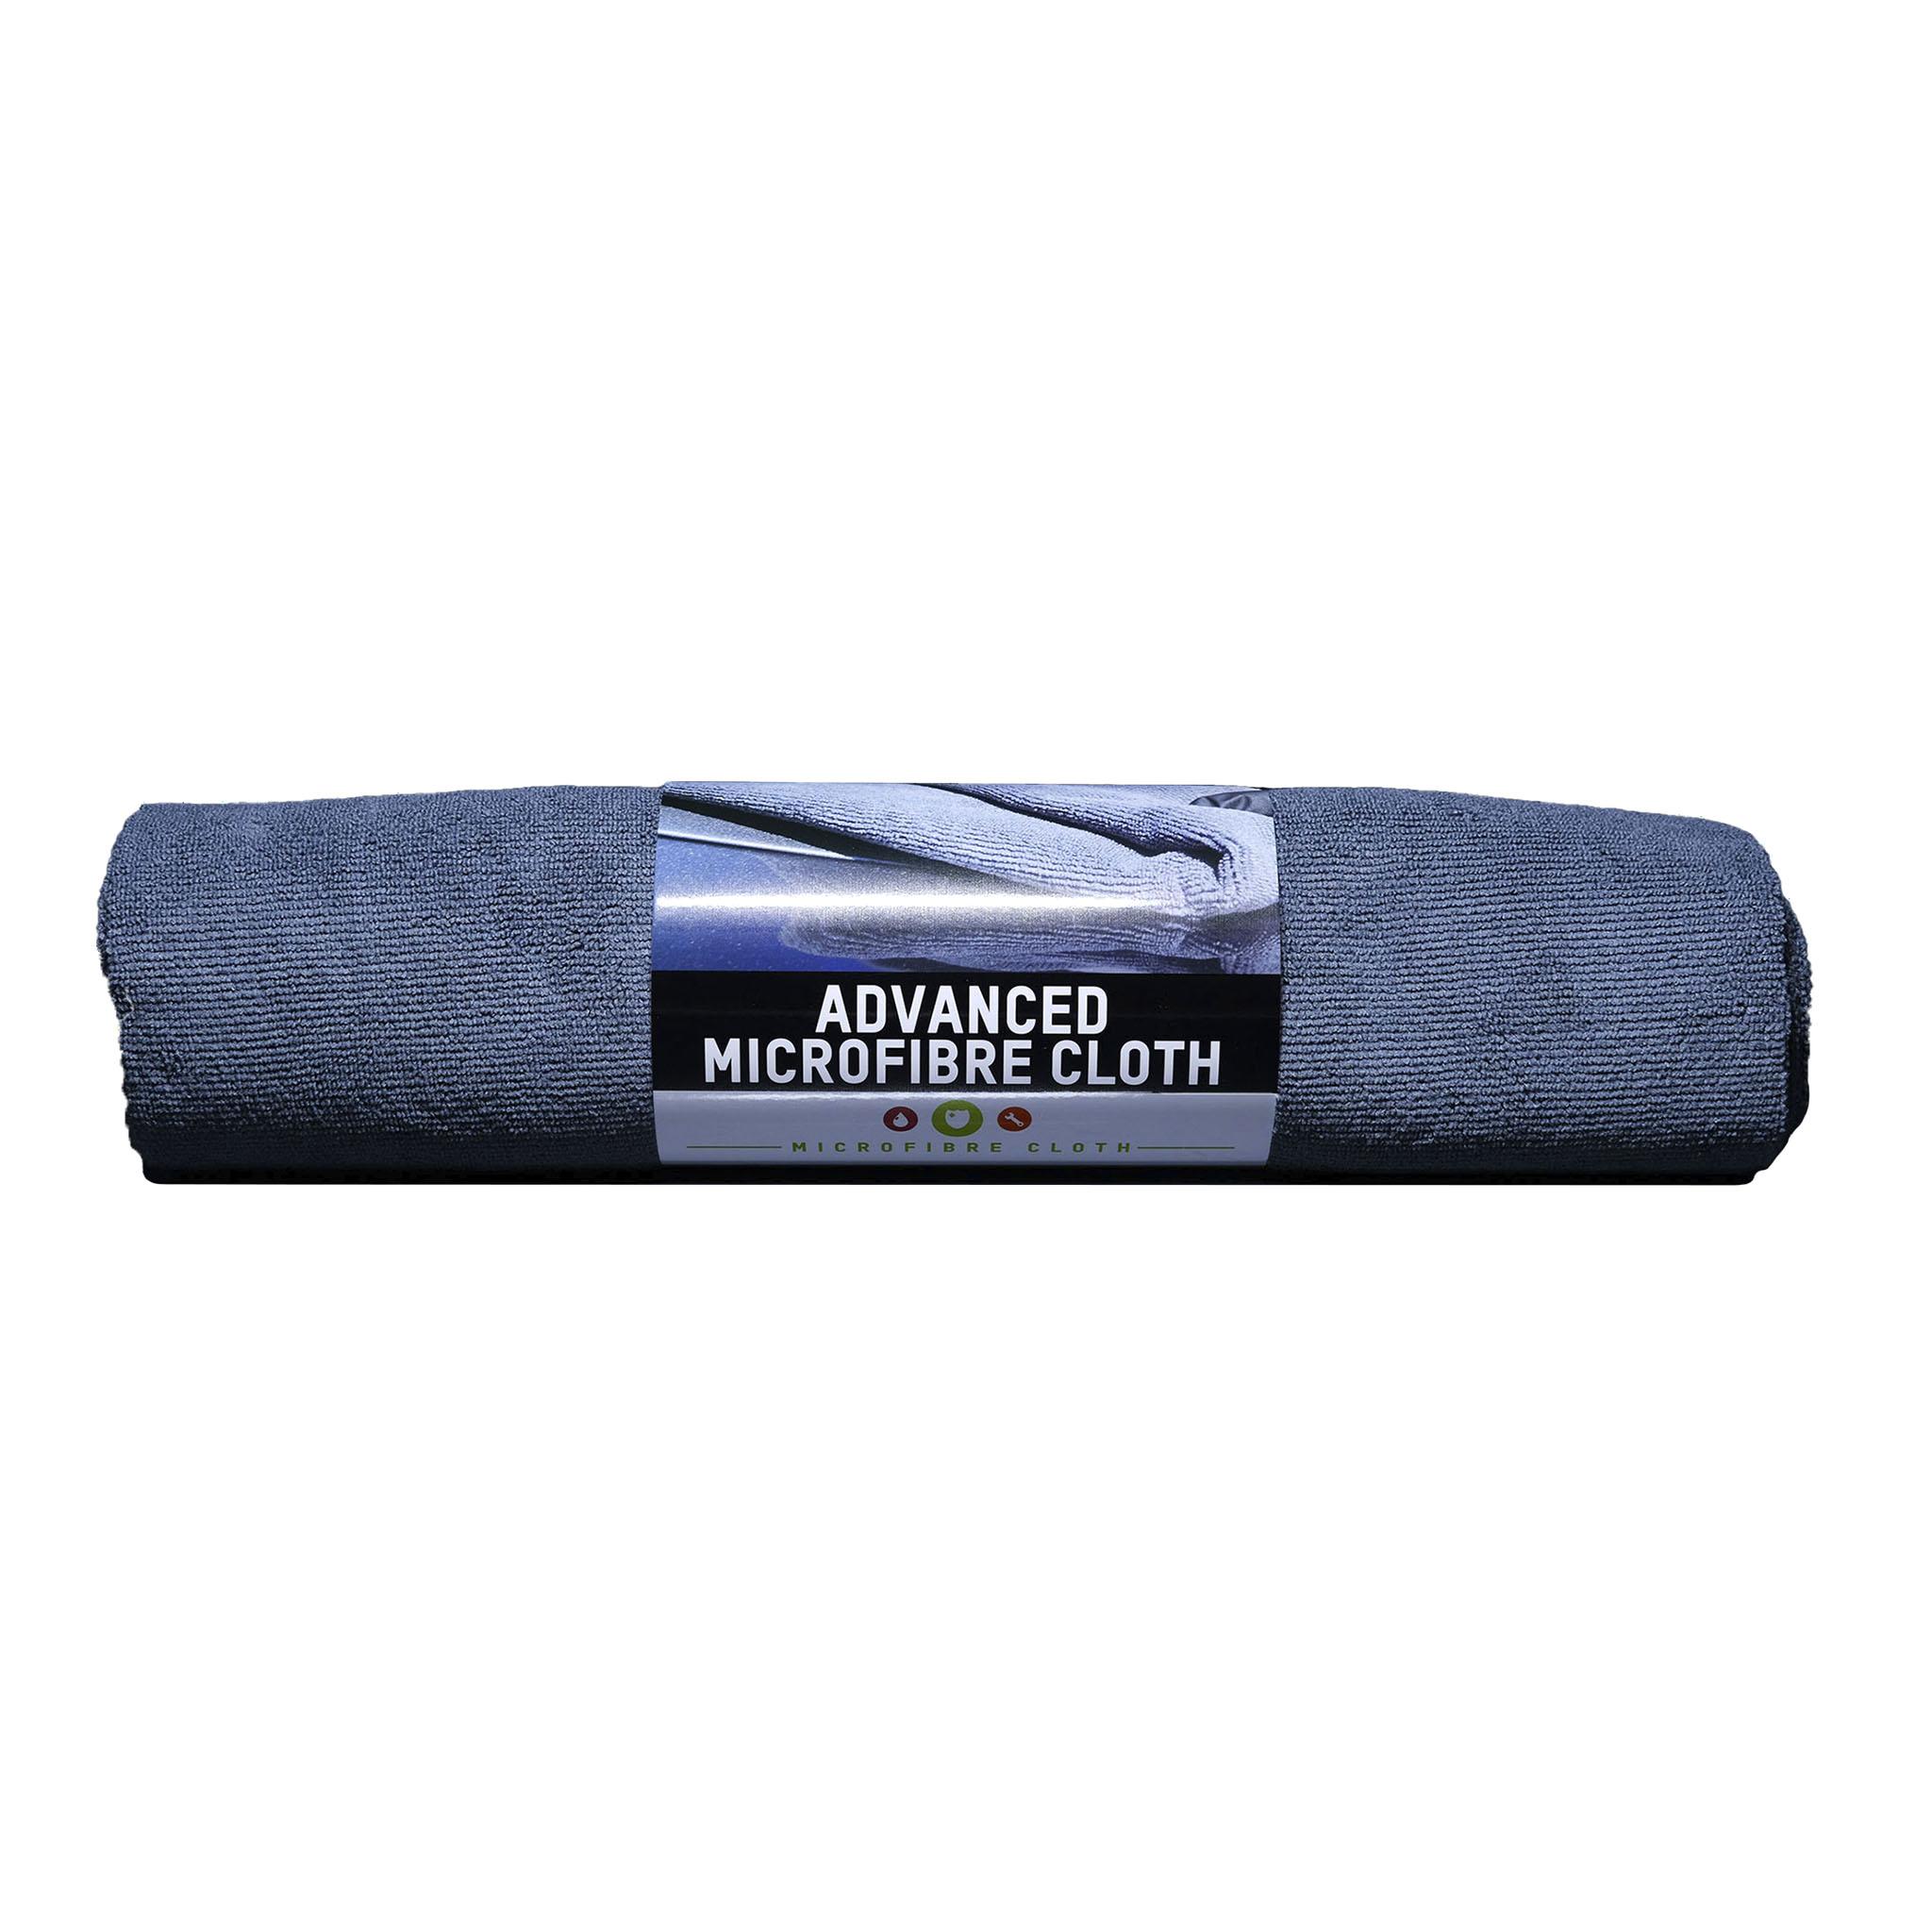 Mikrofiberduk ValetPRO Advanced Microfibre Cloth, 5 st